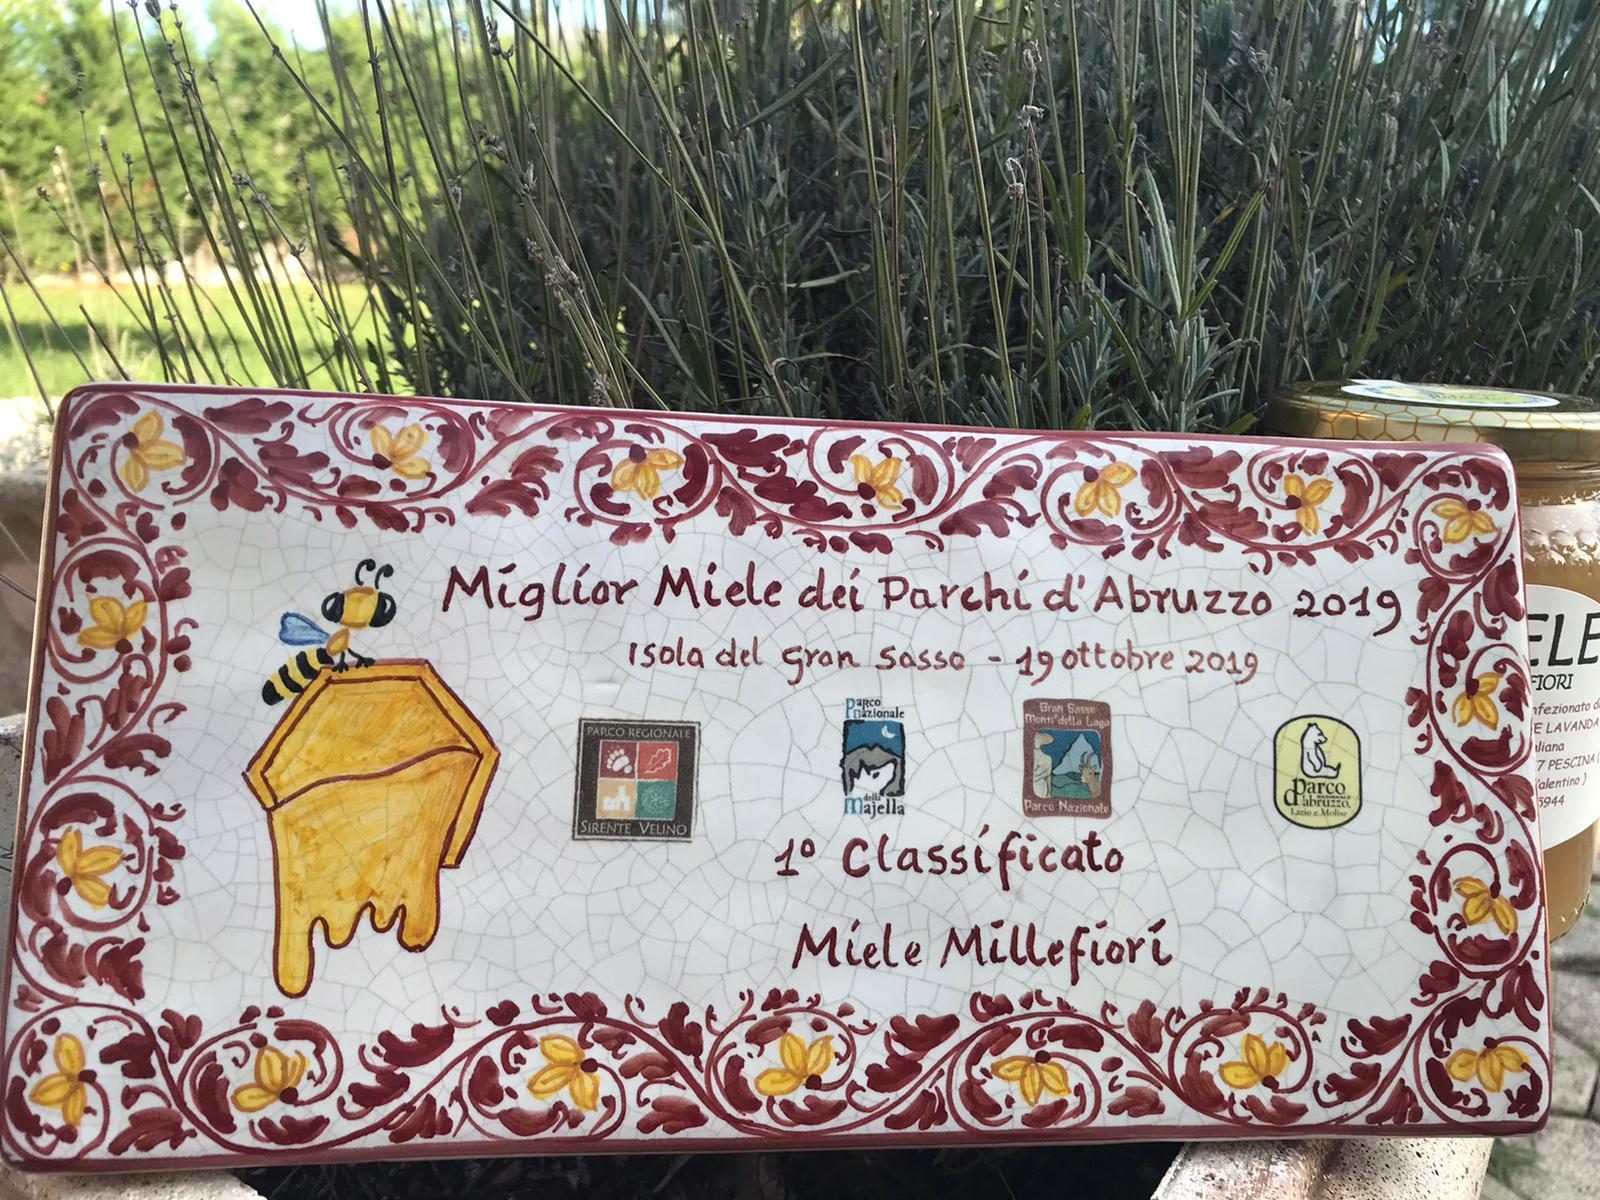 """Il """"Millefiori"""" dell'Apicoltura """"Dolce Lavanda"""" è il miglior miele dei Parchi d'Abruzzo"""